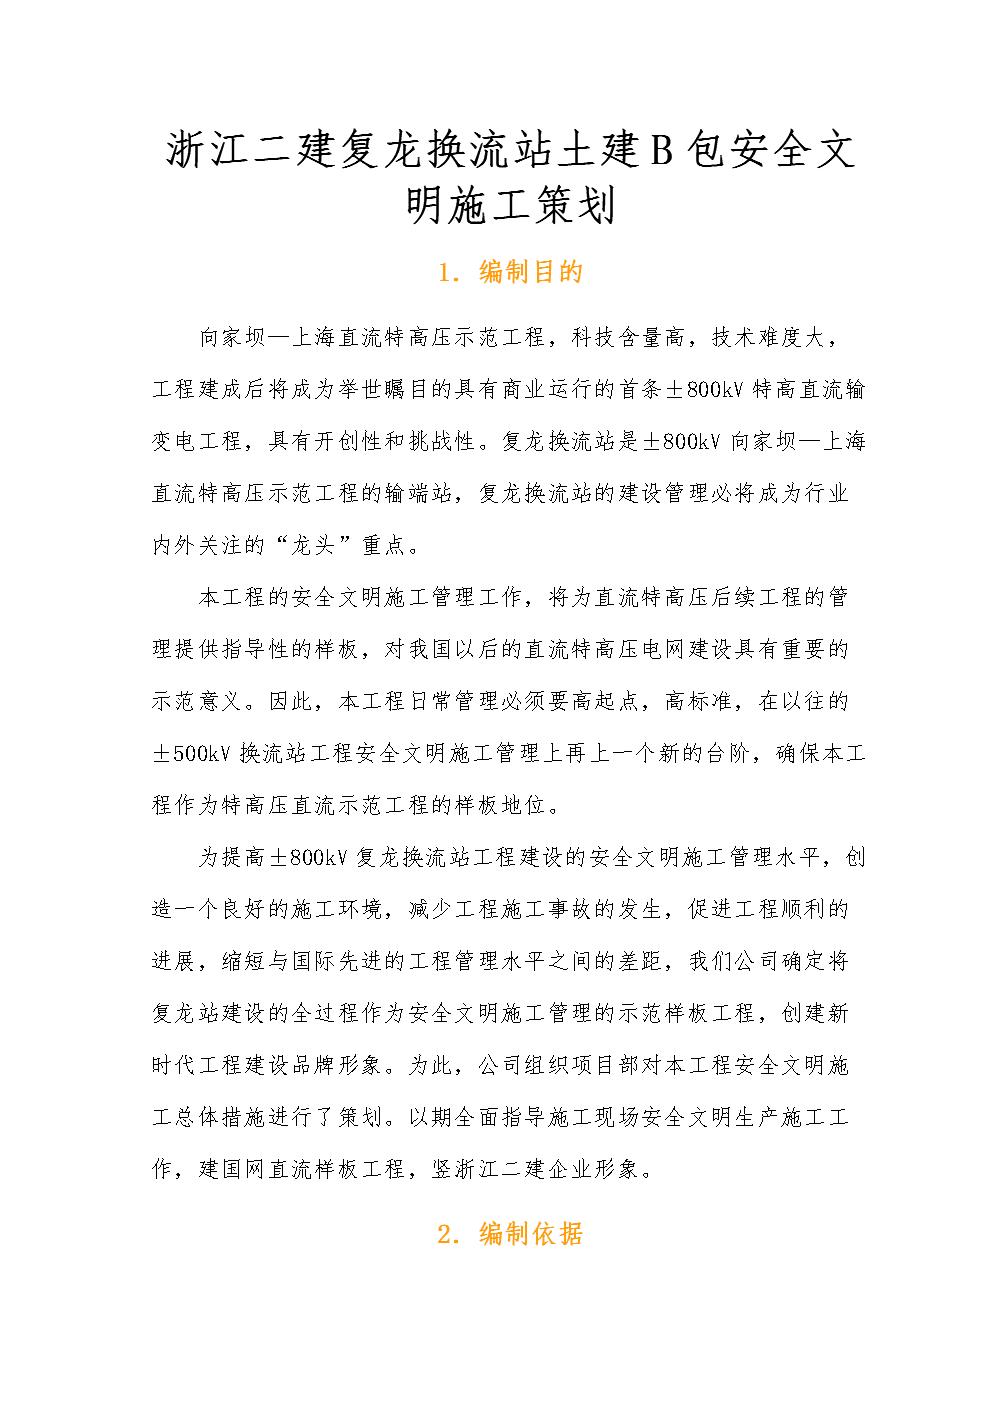 浙江二建复龙换流站土建B包安全文明施工项目策划.doc